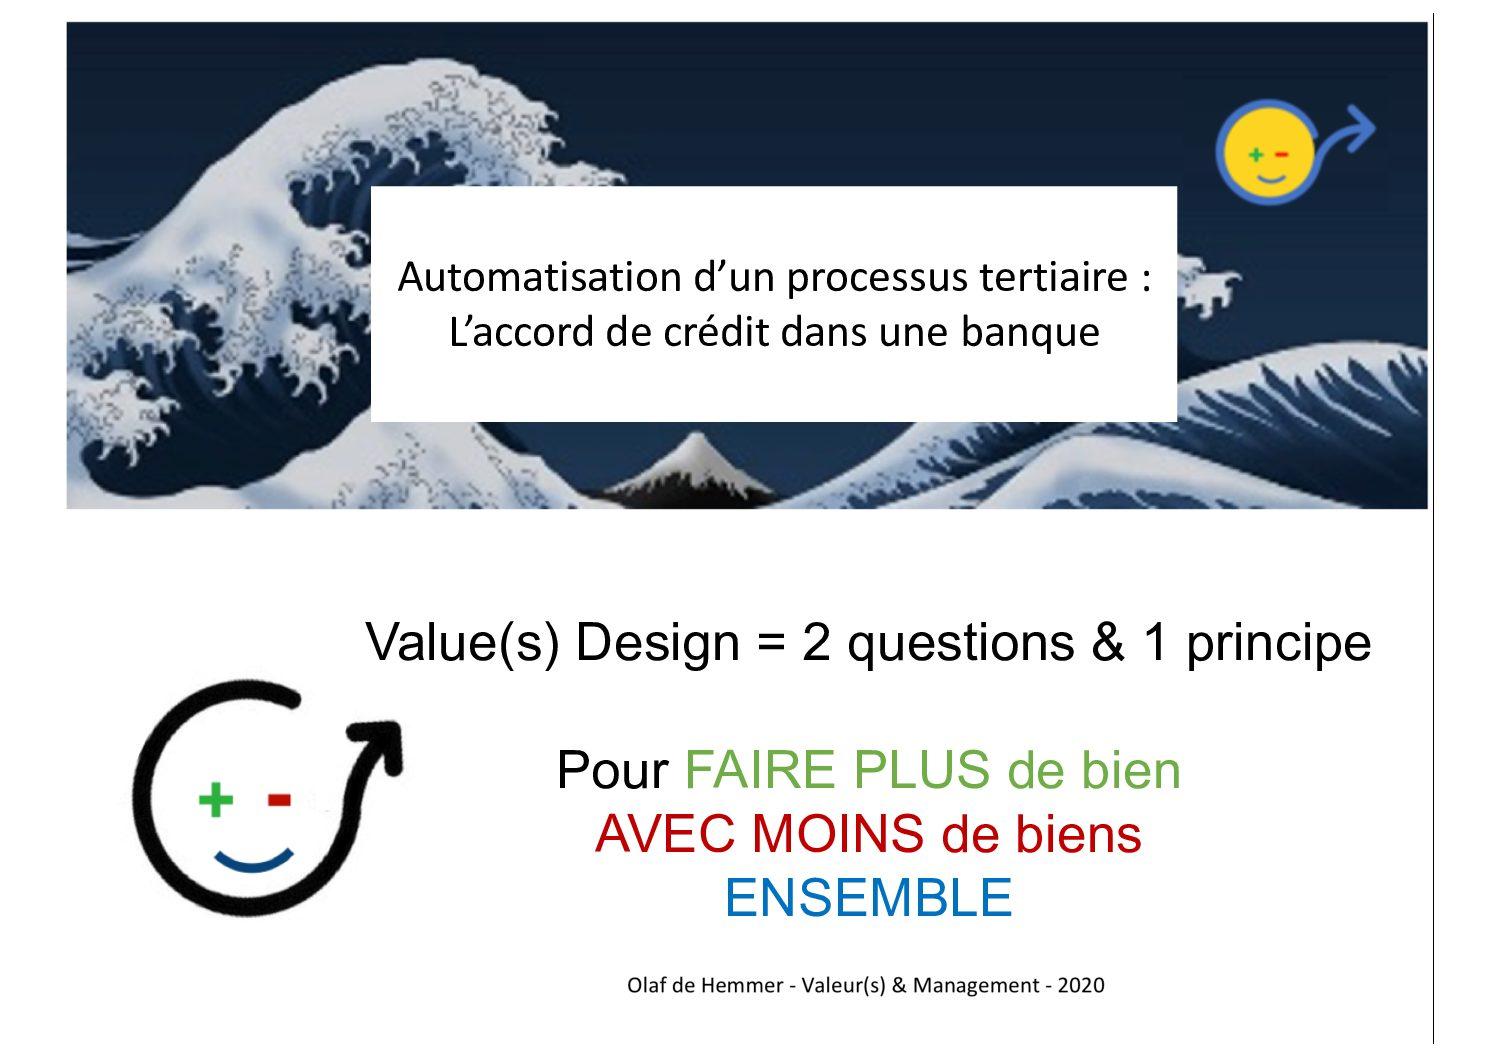 «les belles histoires du Value(s) Design : la digitalisation d'un process commercial bancaire»